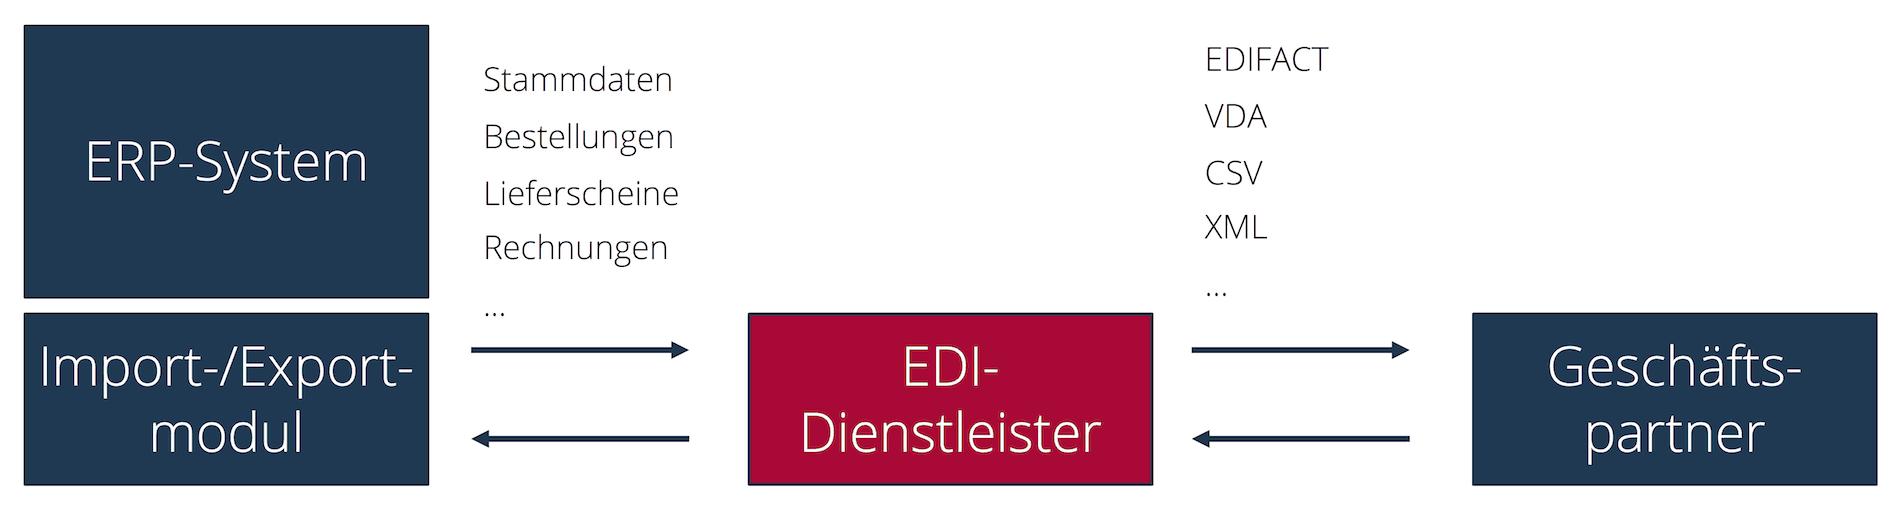 ERP-Datenaustauschszenario mit einem EDI-Dienstleister